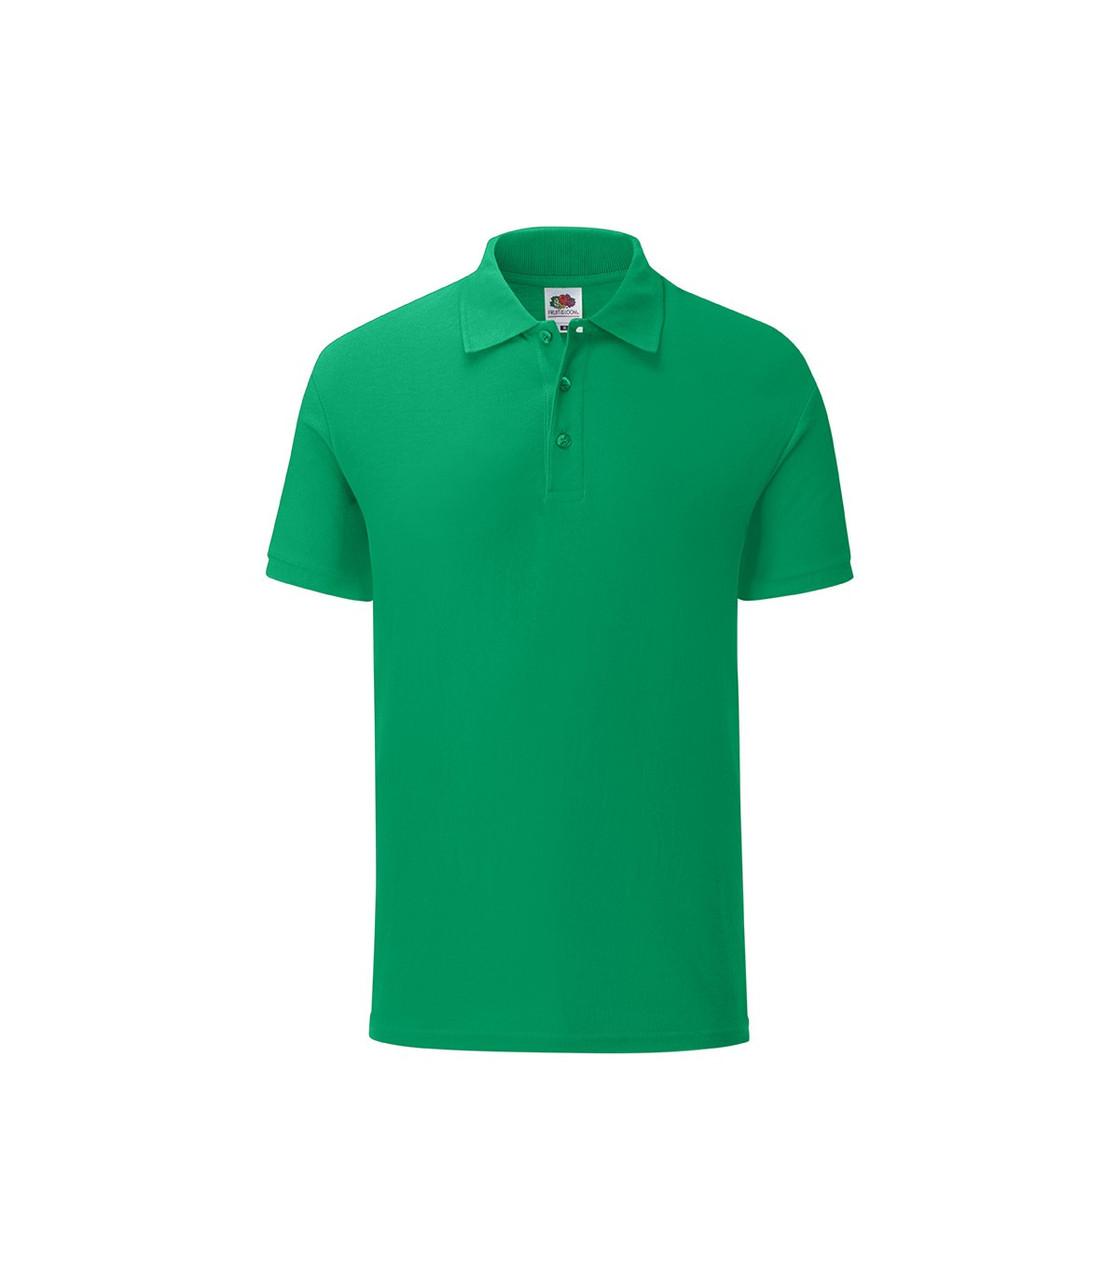 Мужская футболка поло хлопок зеленая 044-47